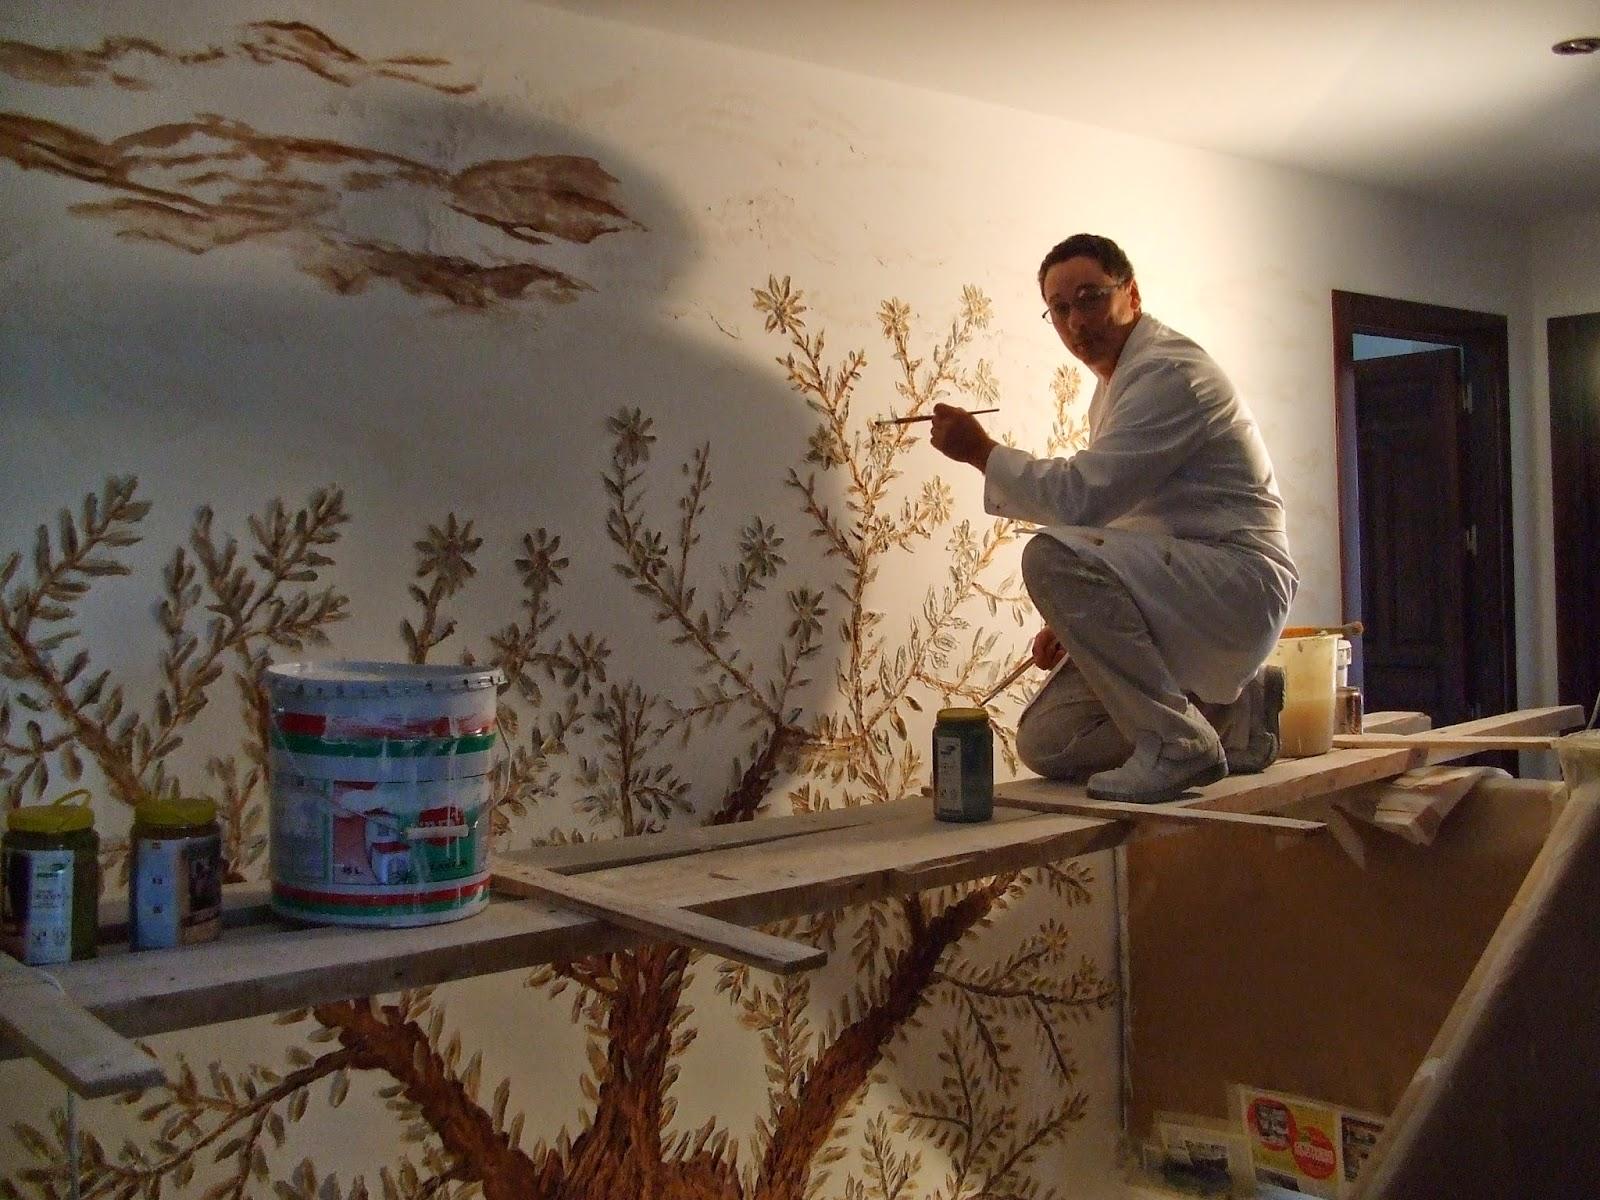 Decoraciones exposiciones y pinturas guzm n florentino for Decorar paredes con pintura